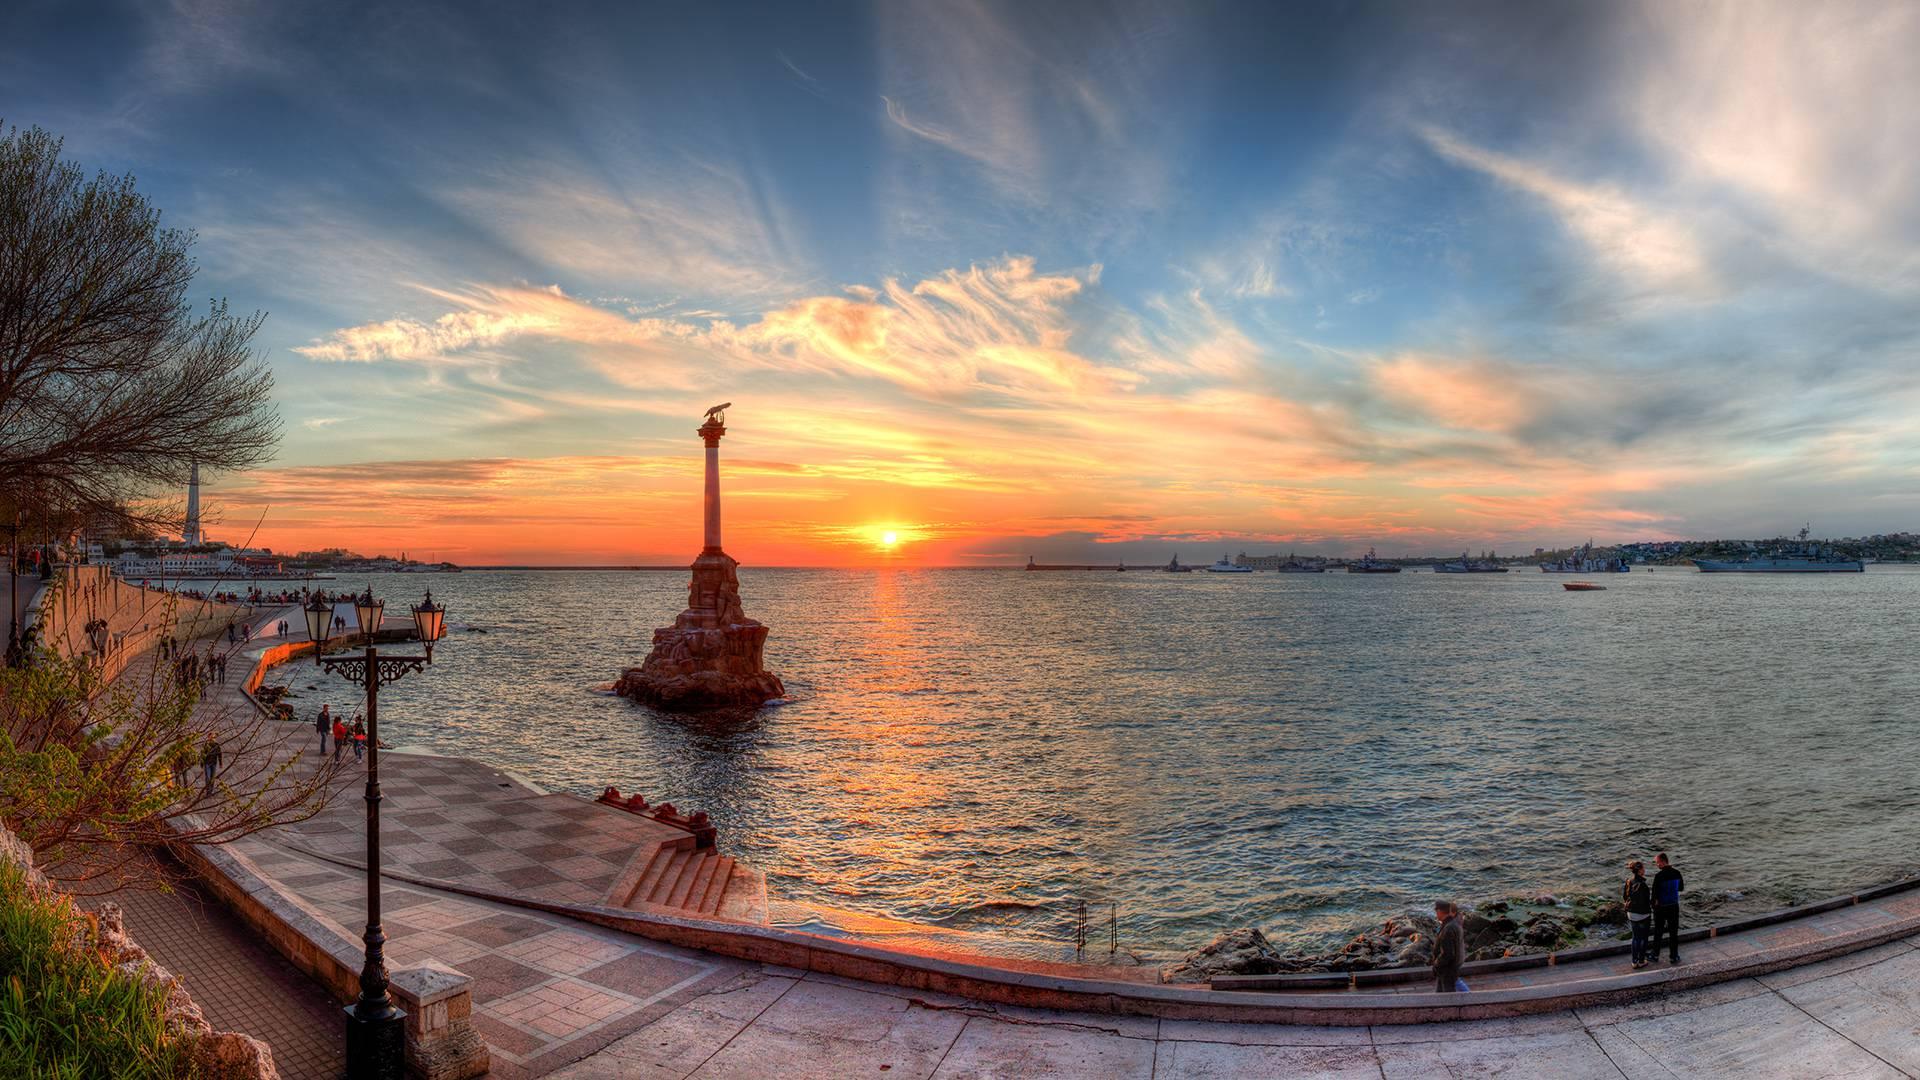 Где, когда: дата и расписание регионального этапа в Севастополе